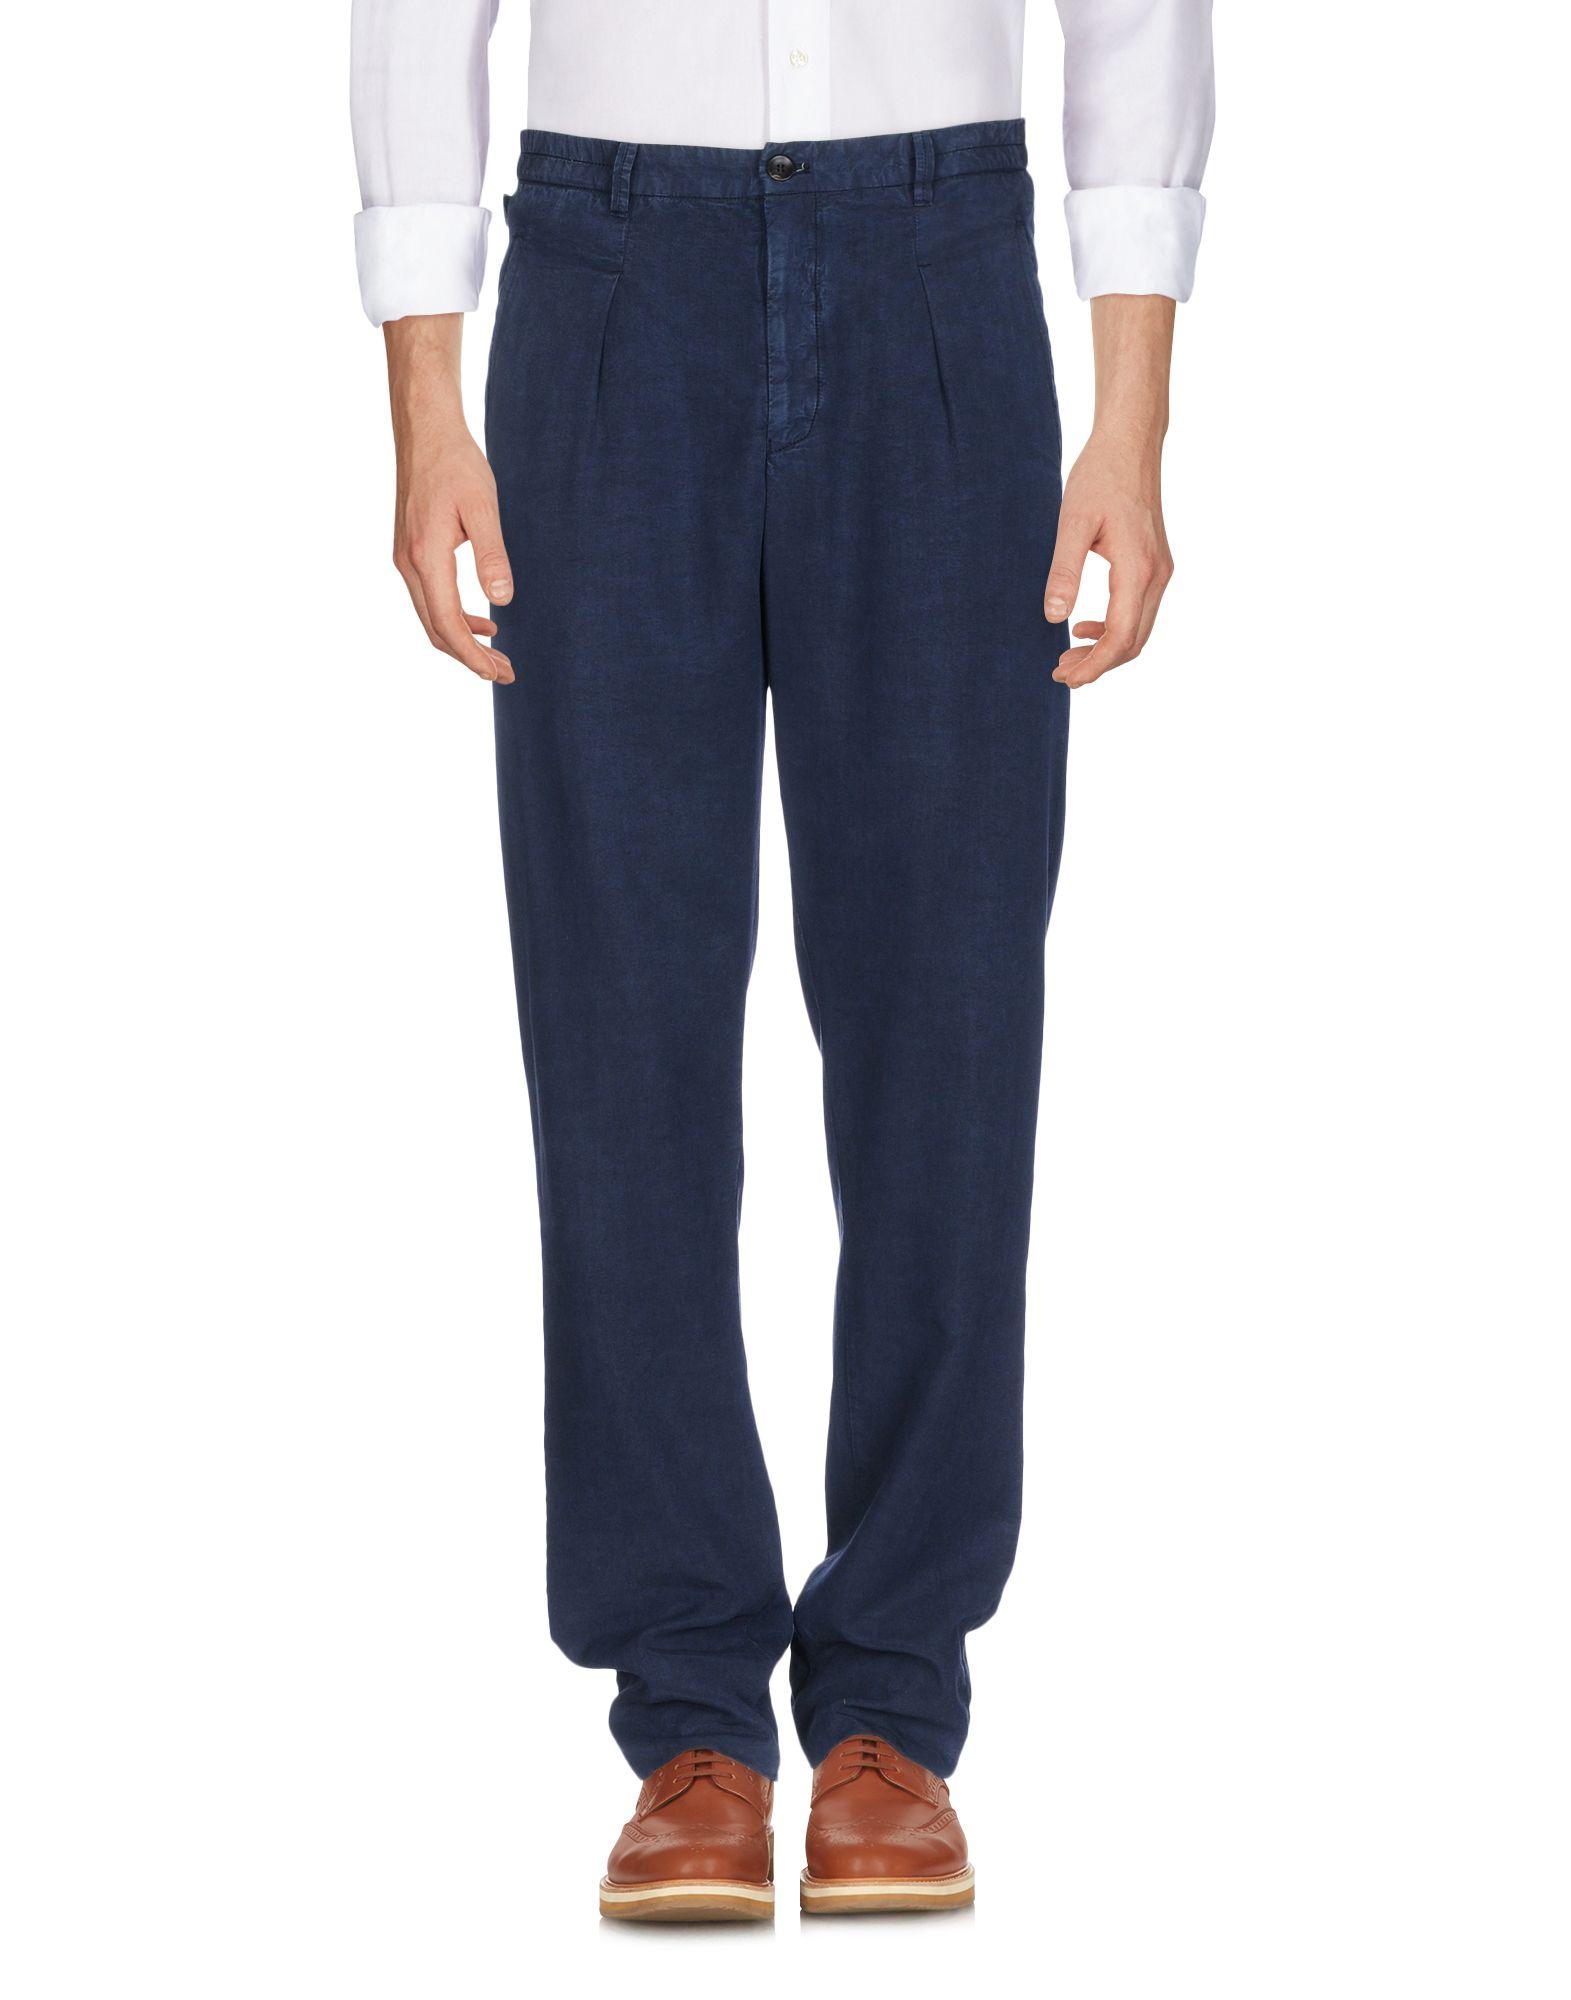 Pantalone Armani Collezioni Uomo Uomo Uomo - 13152549HV a5c781